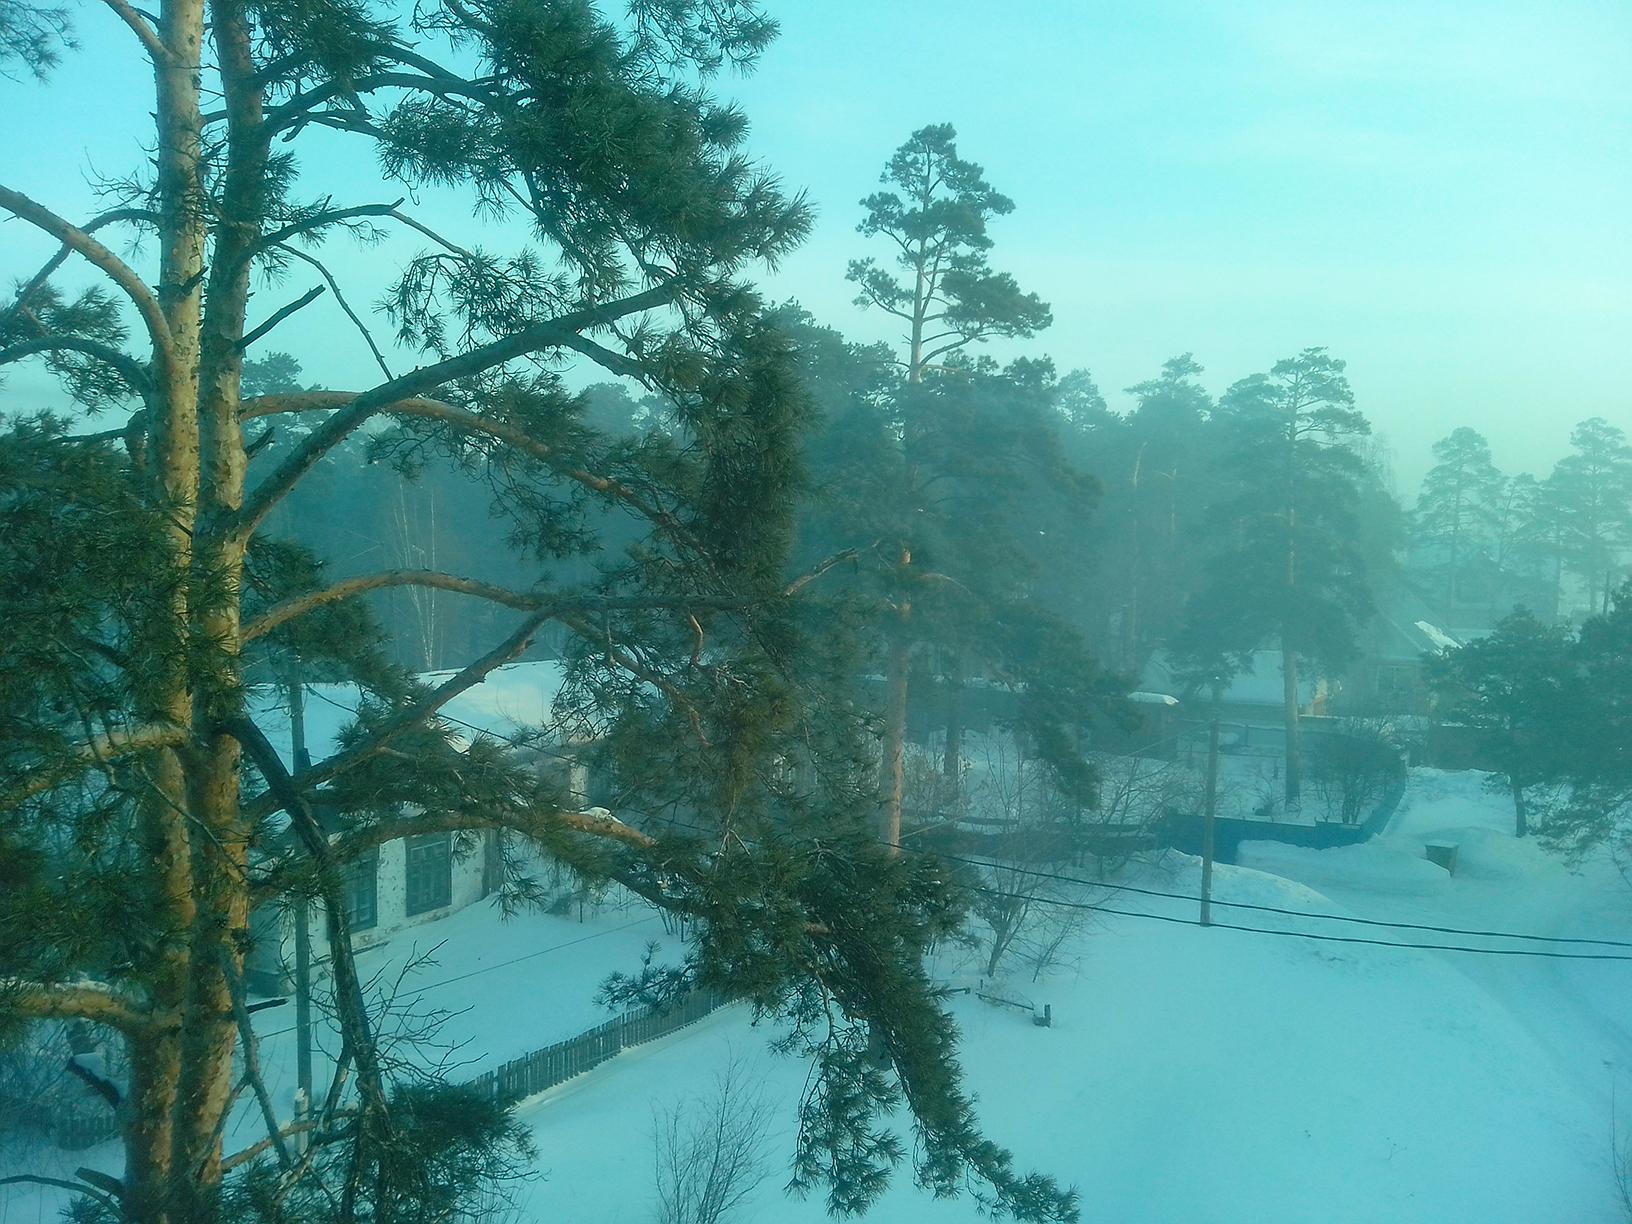 Вид из окна номера. По утрам живописный туман радует глаз. Но это углекислый газ!